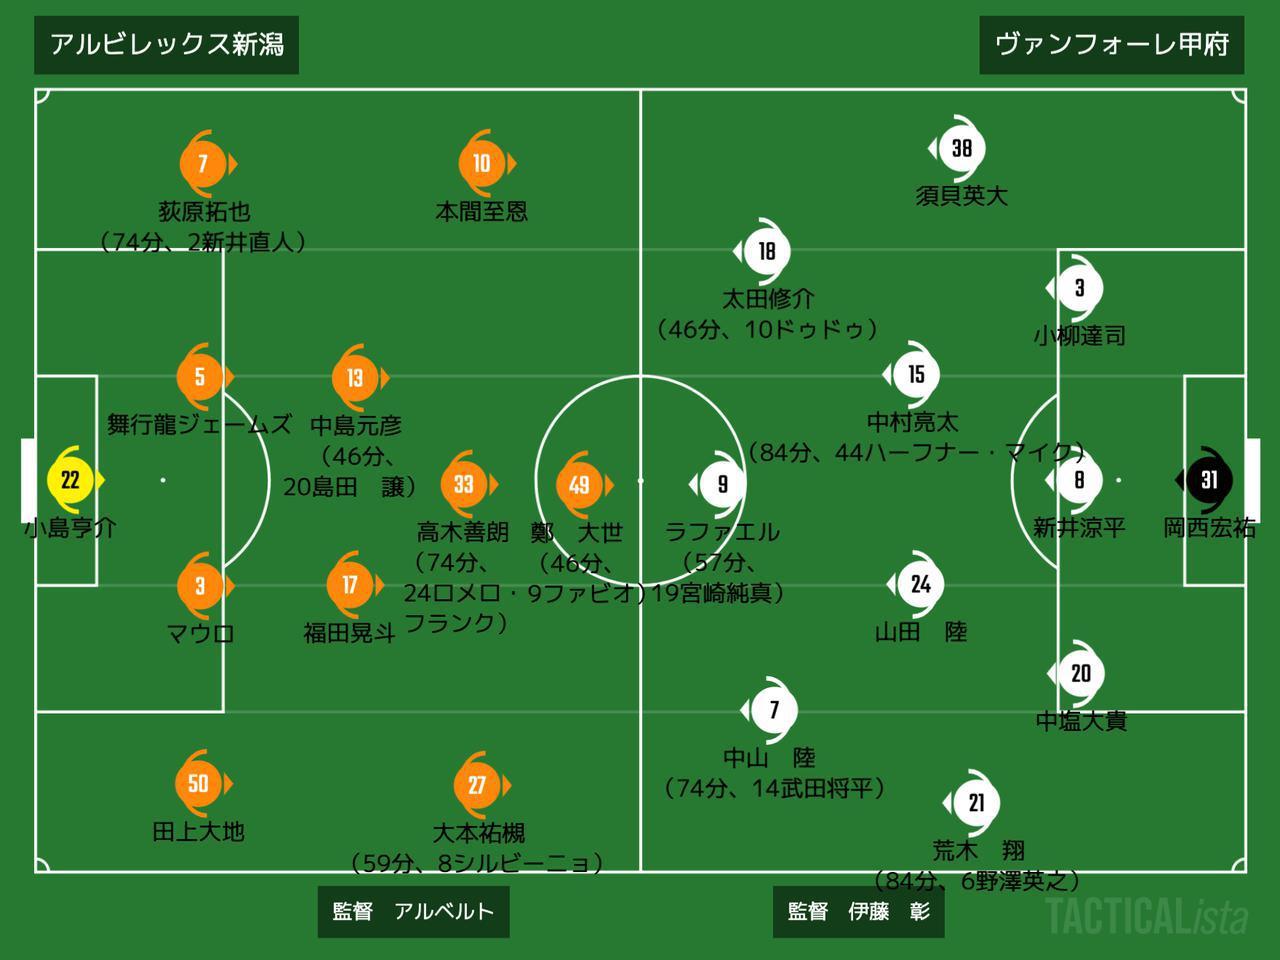 画像: ■2020年9月26日 J2リーグ第22節(@デンカS:観衆7,777人) 新潟 1-1 甲府 得点:(新)オウンゴール (甲)ドゥドゥ